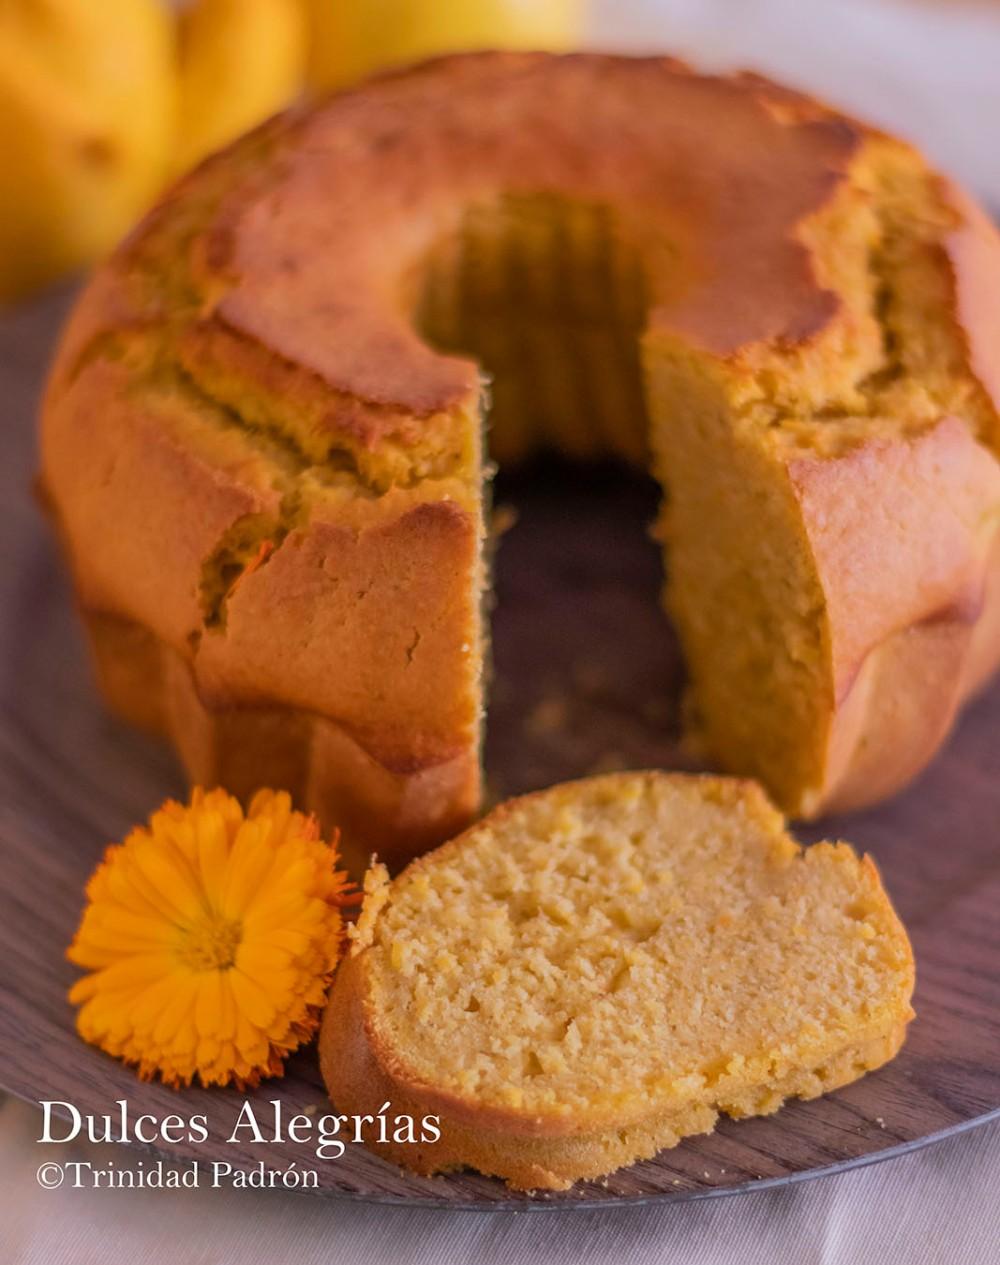 © Trinidad Padrón Bundt cake de naranja, limón y calabaza